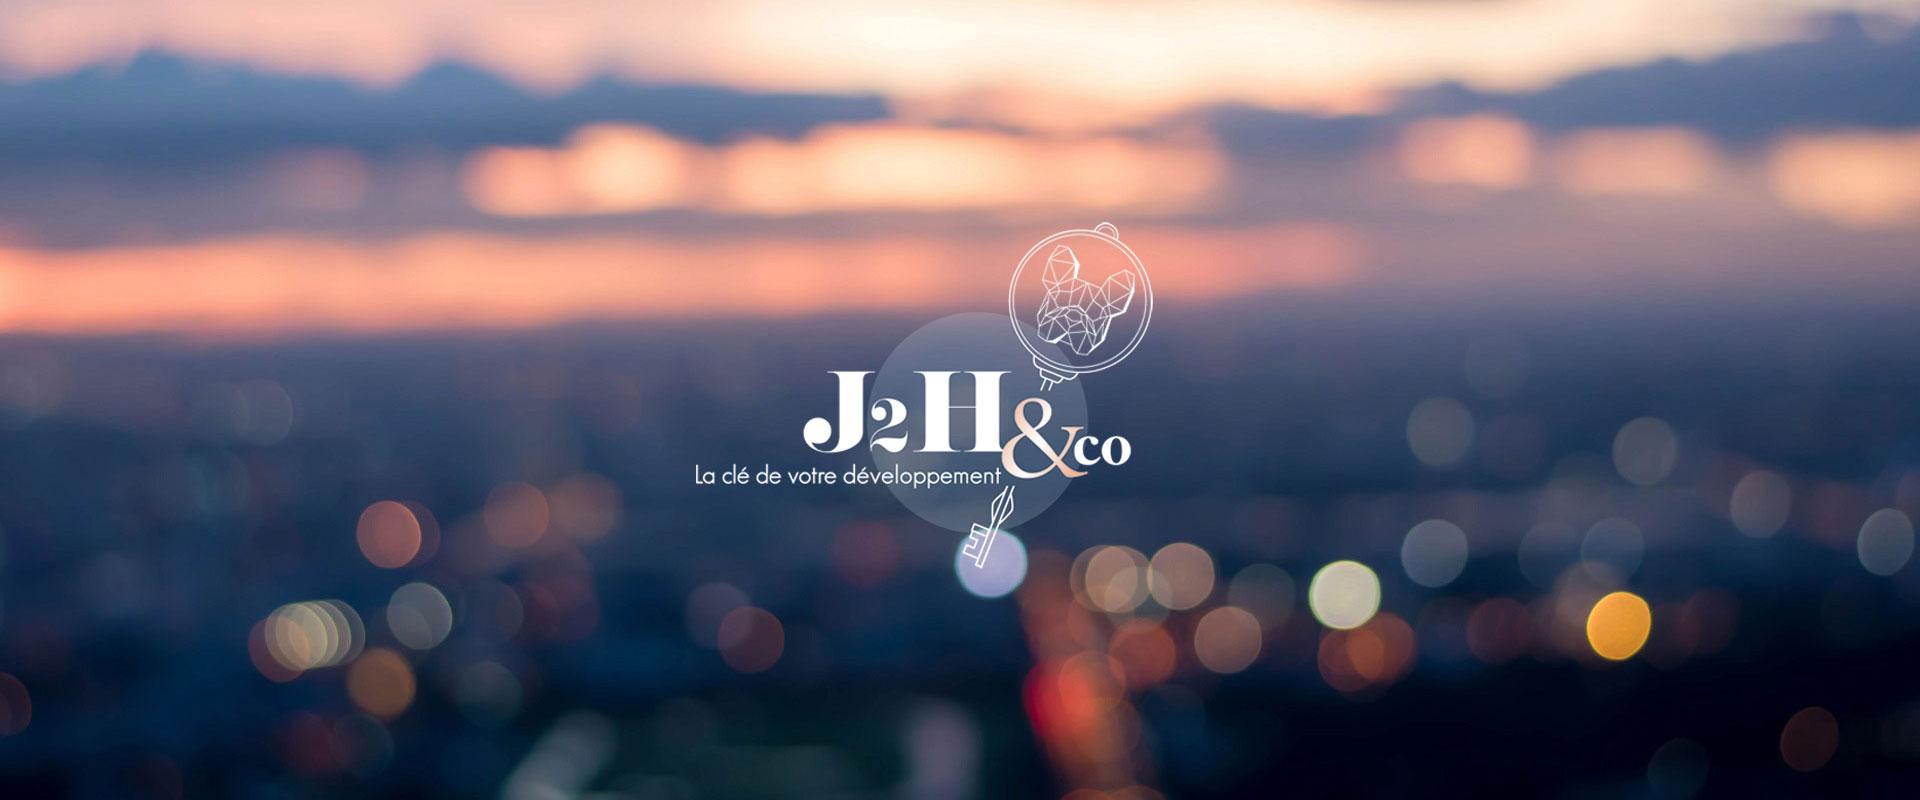 J2H & co